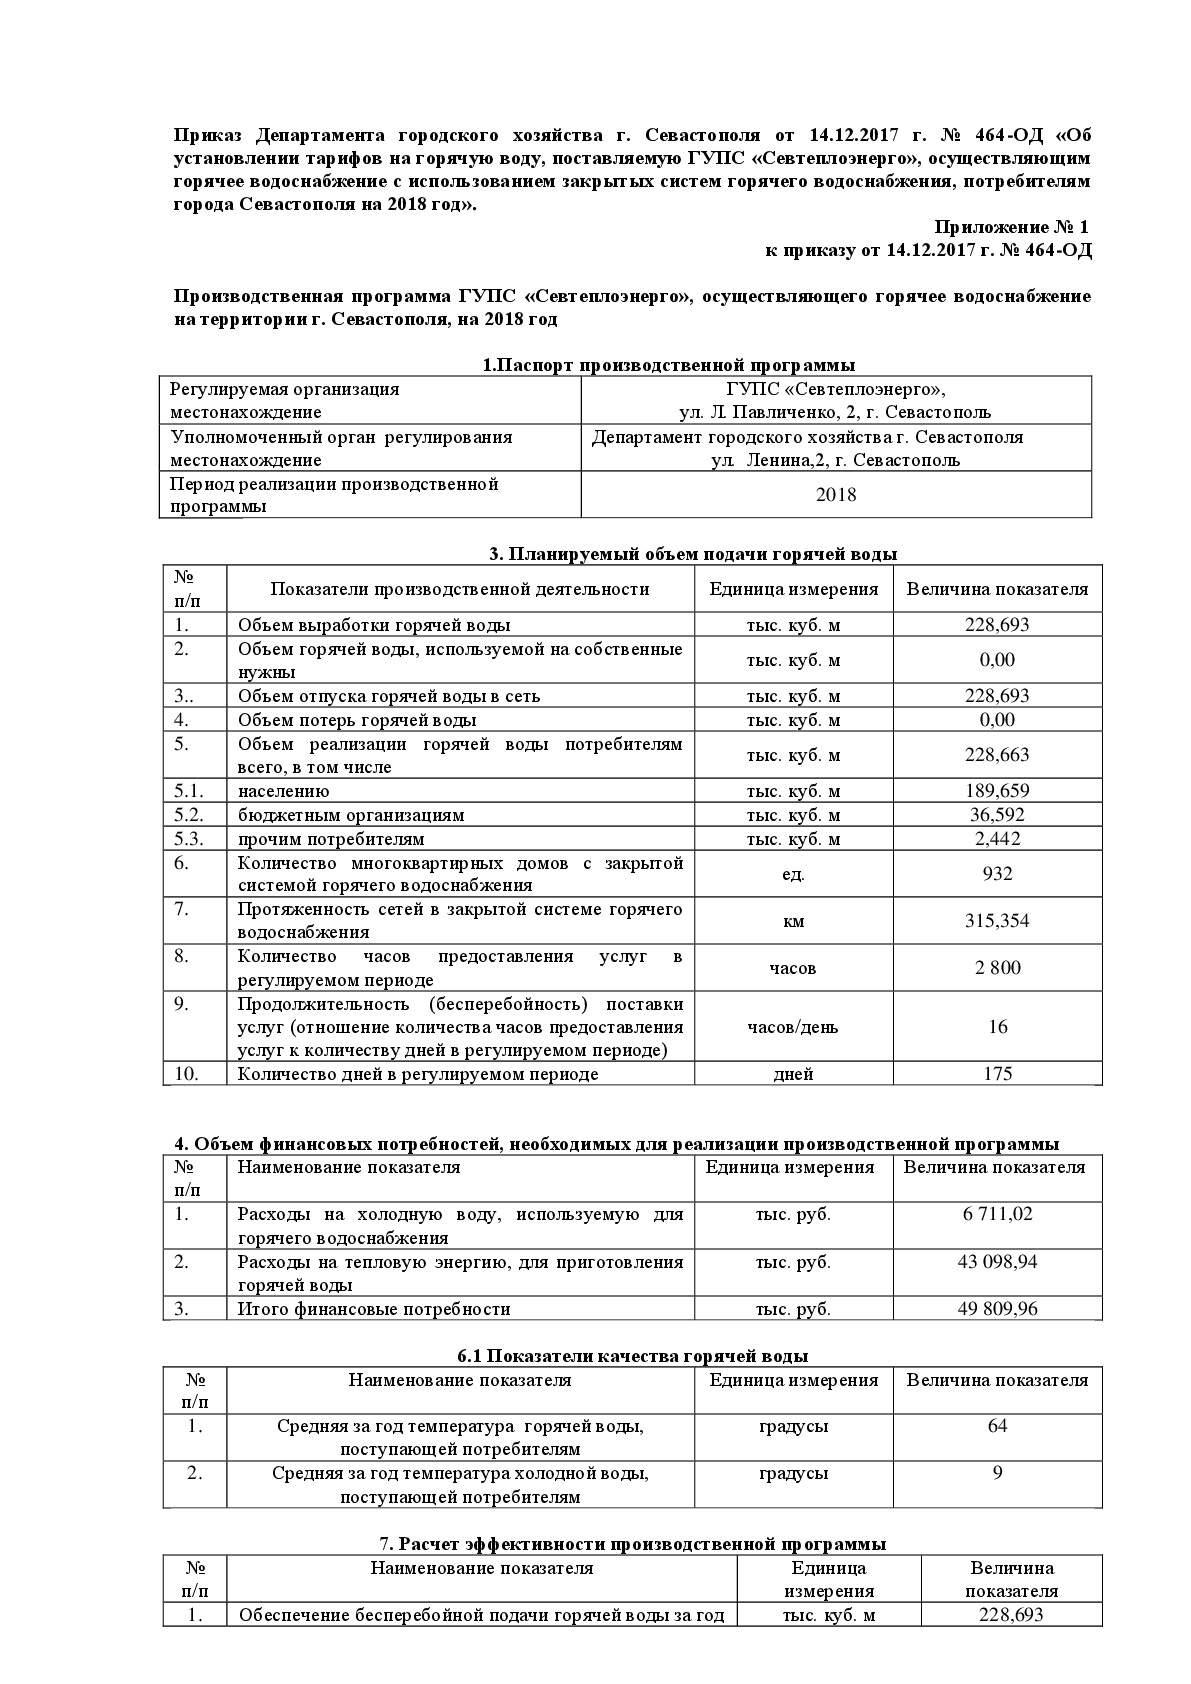 """Установленные тарифы для ГУПС """"Севтеплоэнерго"""" на 2018 год"""